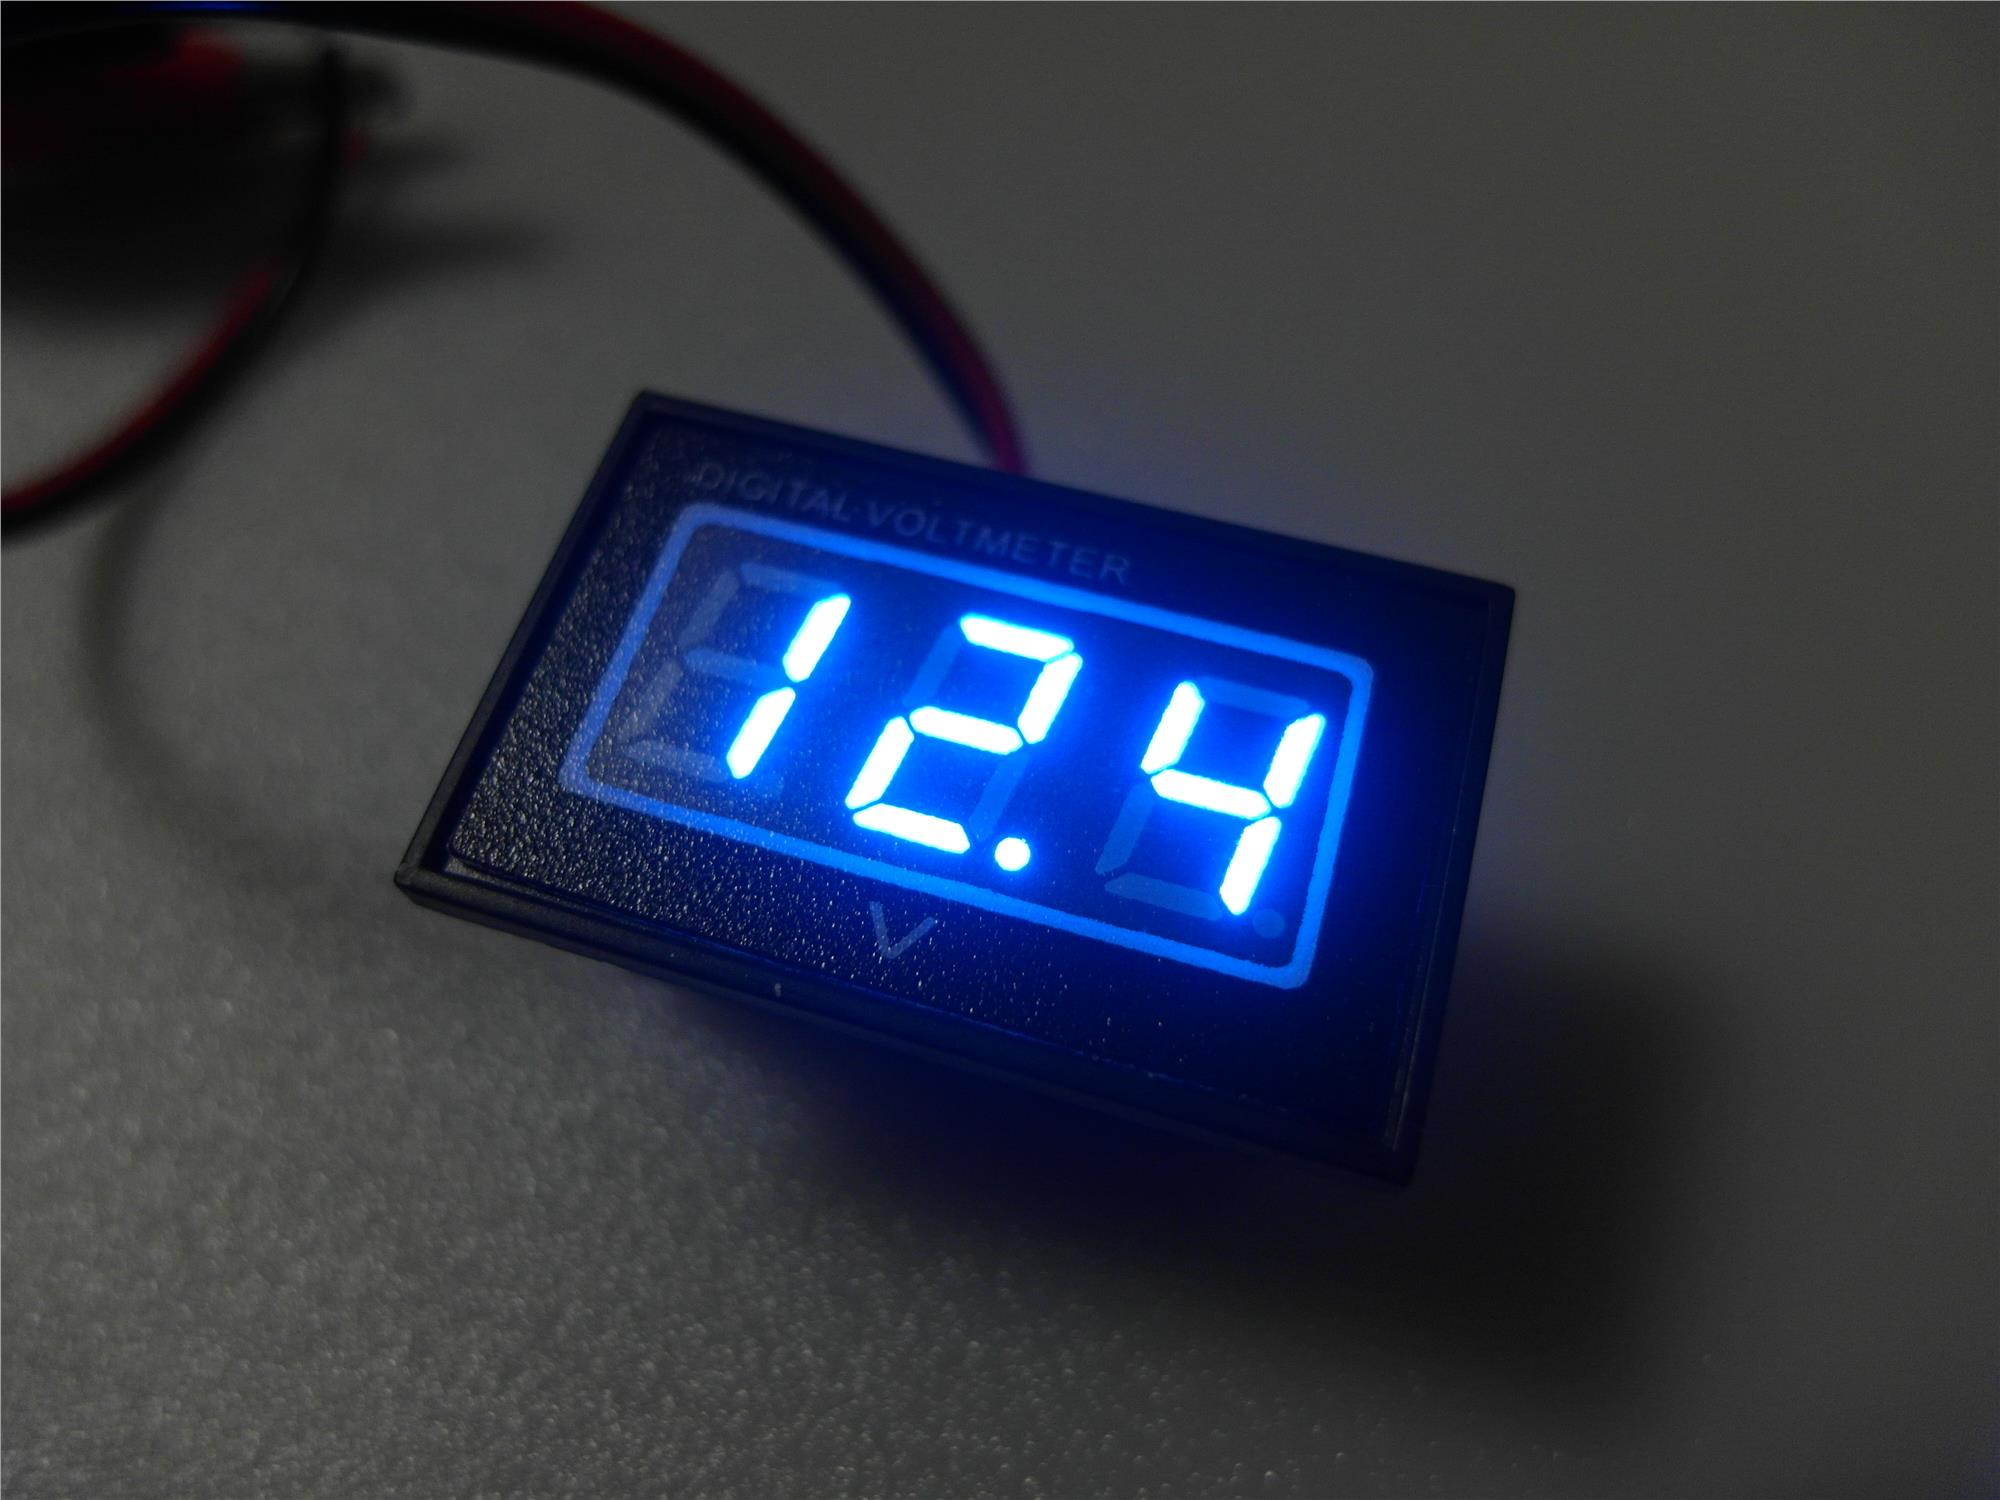 Motorcycle Digital Meter : Digital voltmeter for motorcycle wat end pm